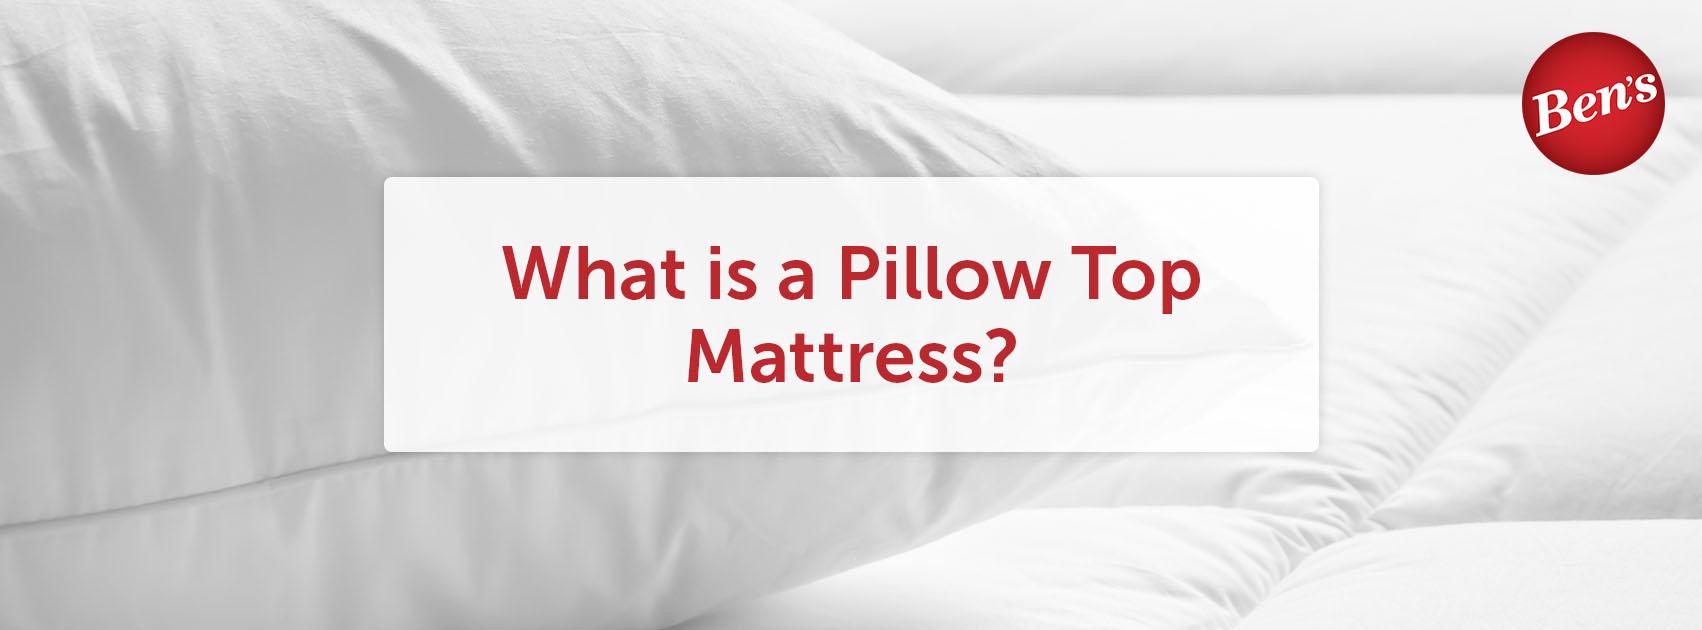 What is a Pillow Top Mattress?